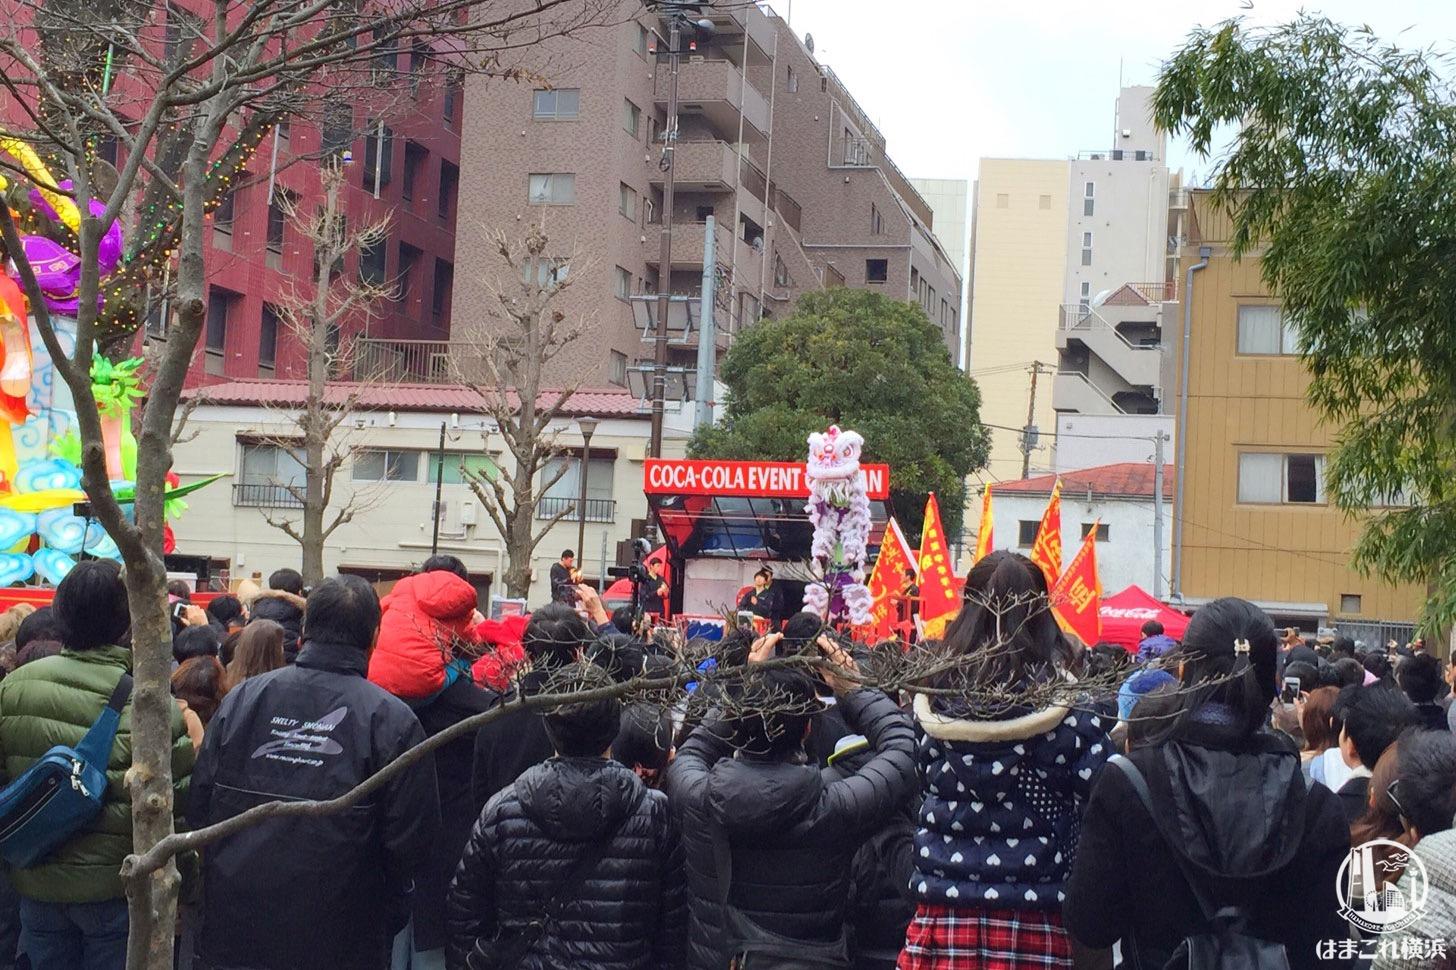 春節娯楽表演(ごらくひょうえん)